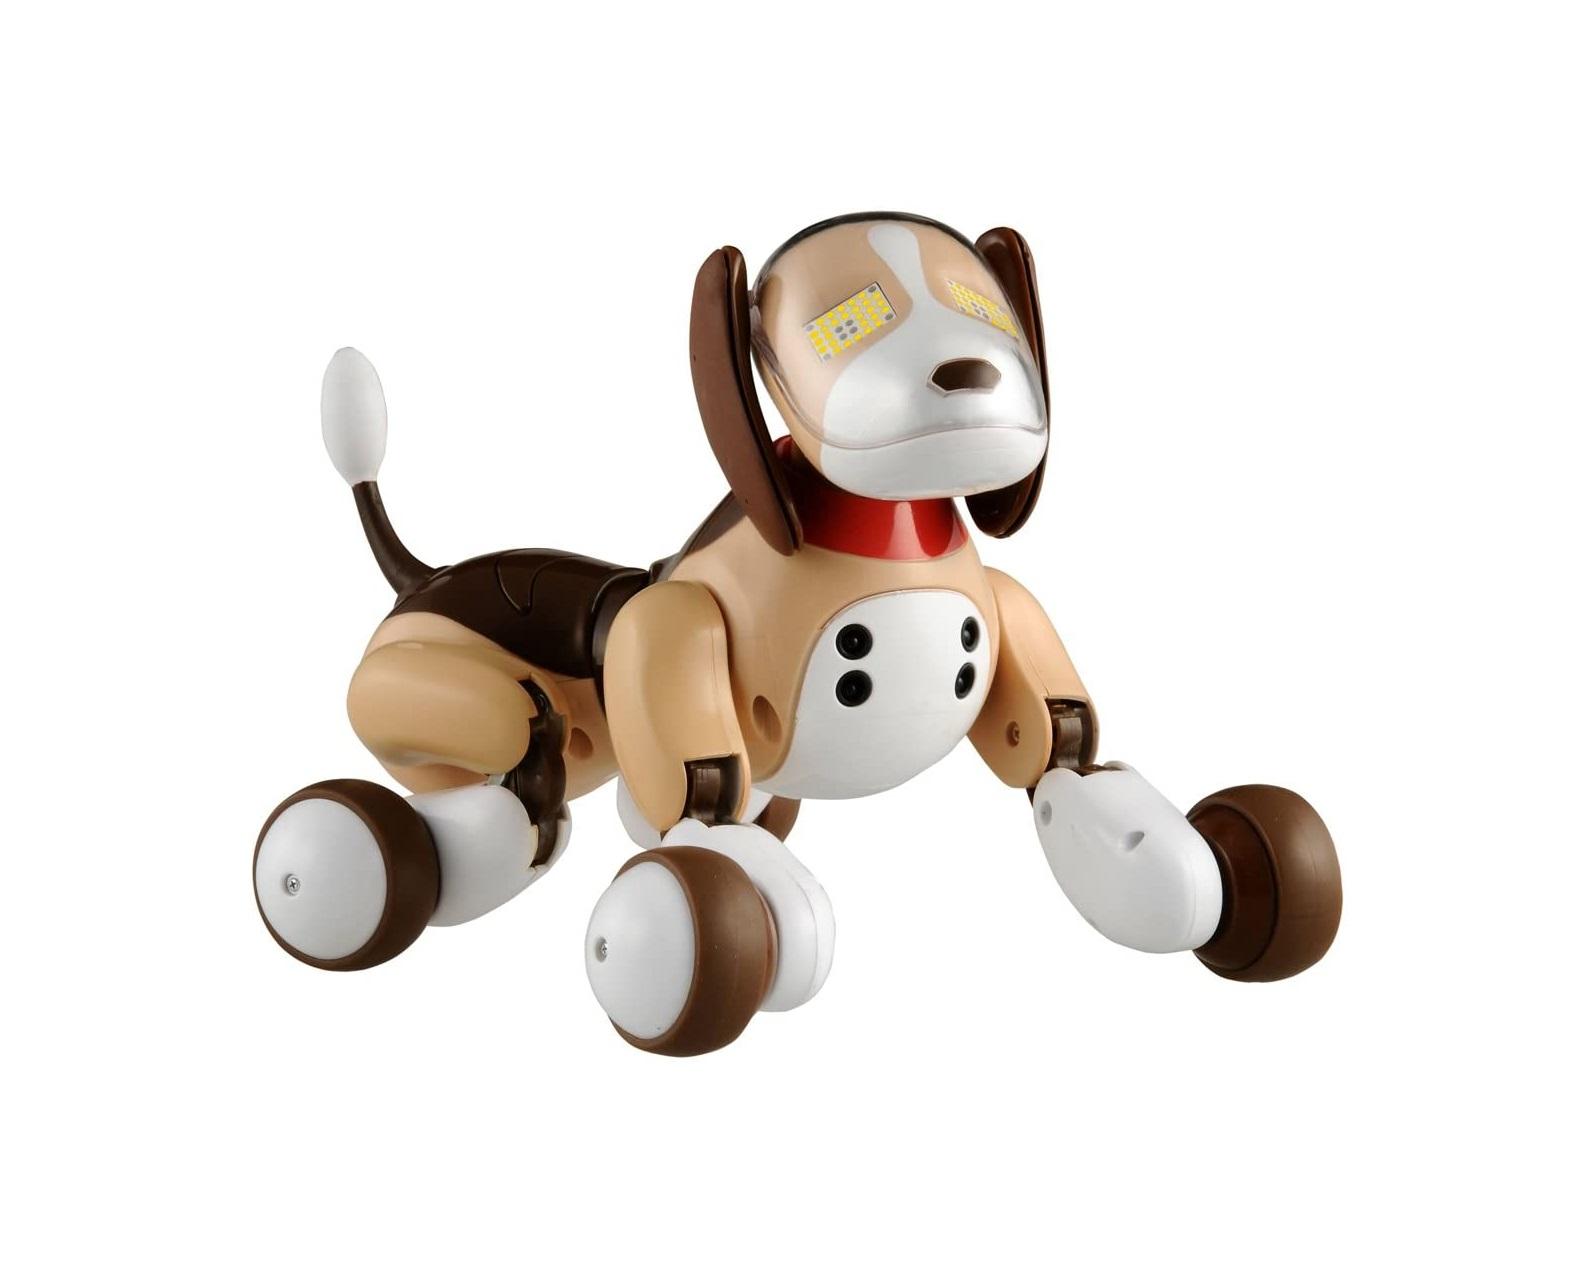 ロボット犬 ハロー! ズーマー ビーグル犬